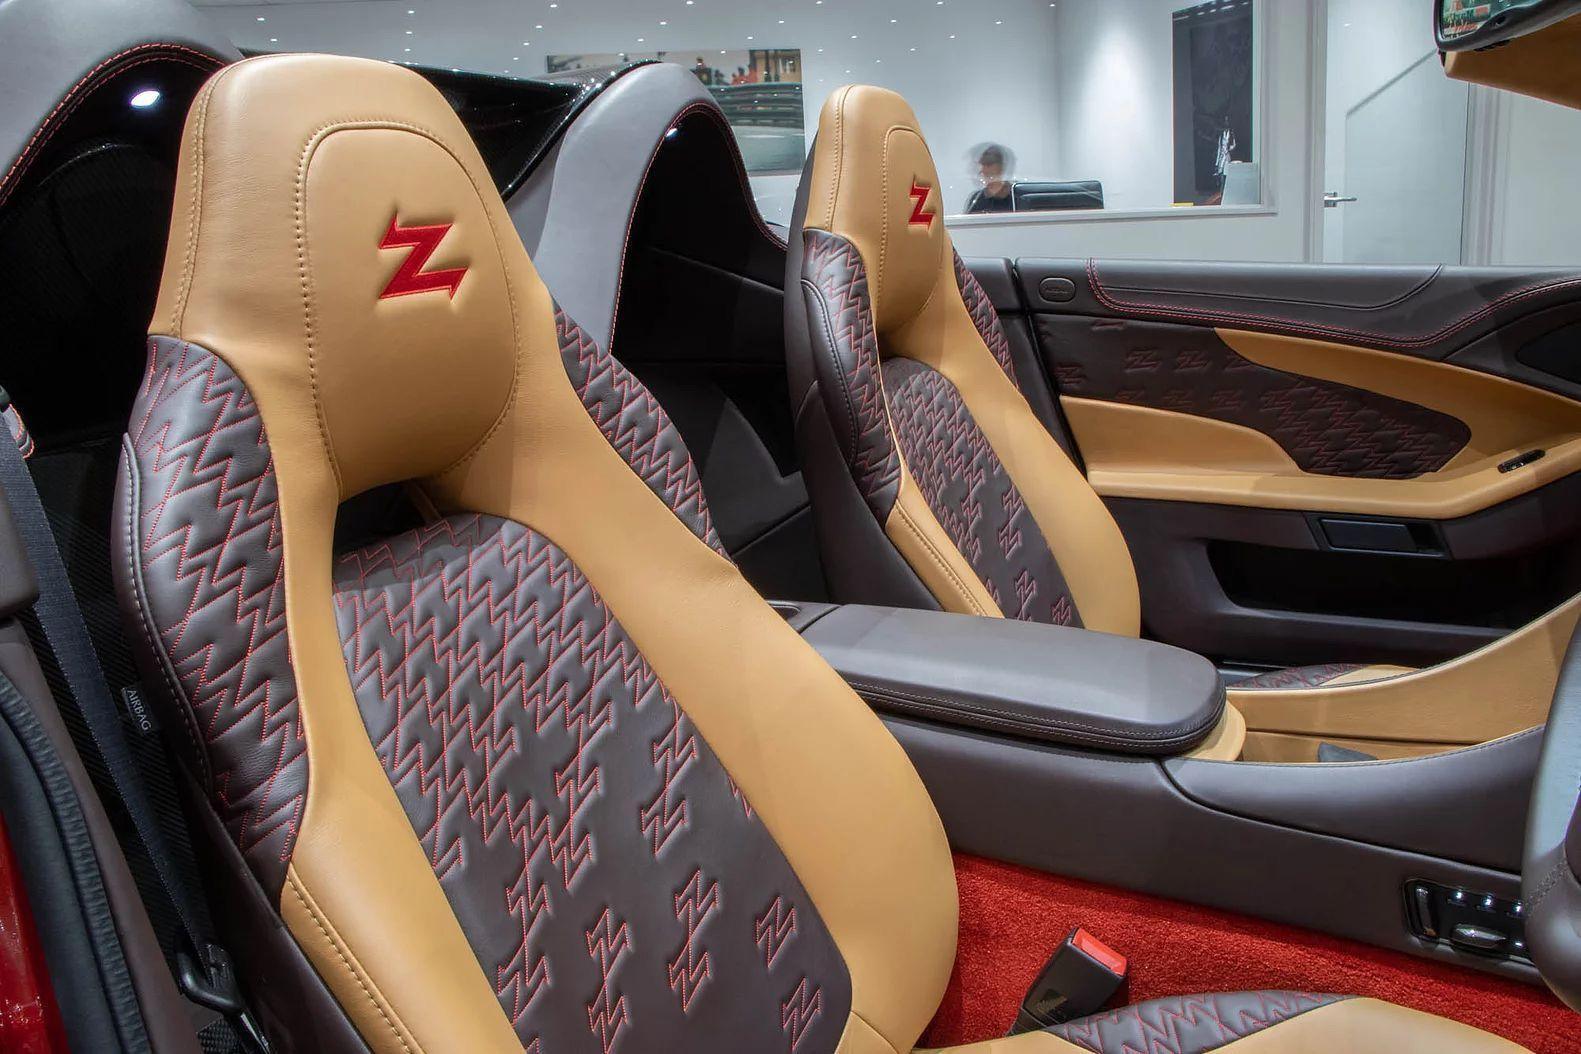 Aston_Martin_Vanquish_Speedster_sale-0010